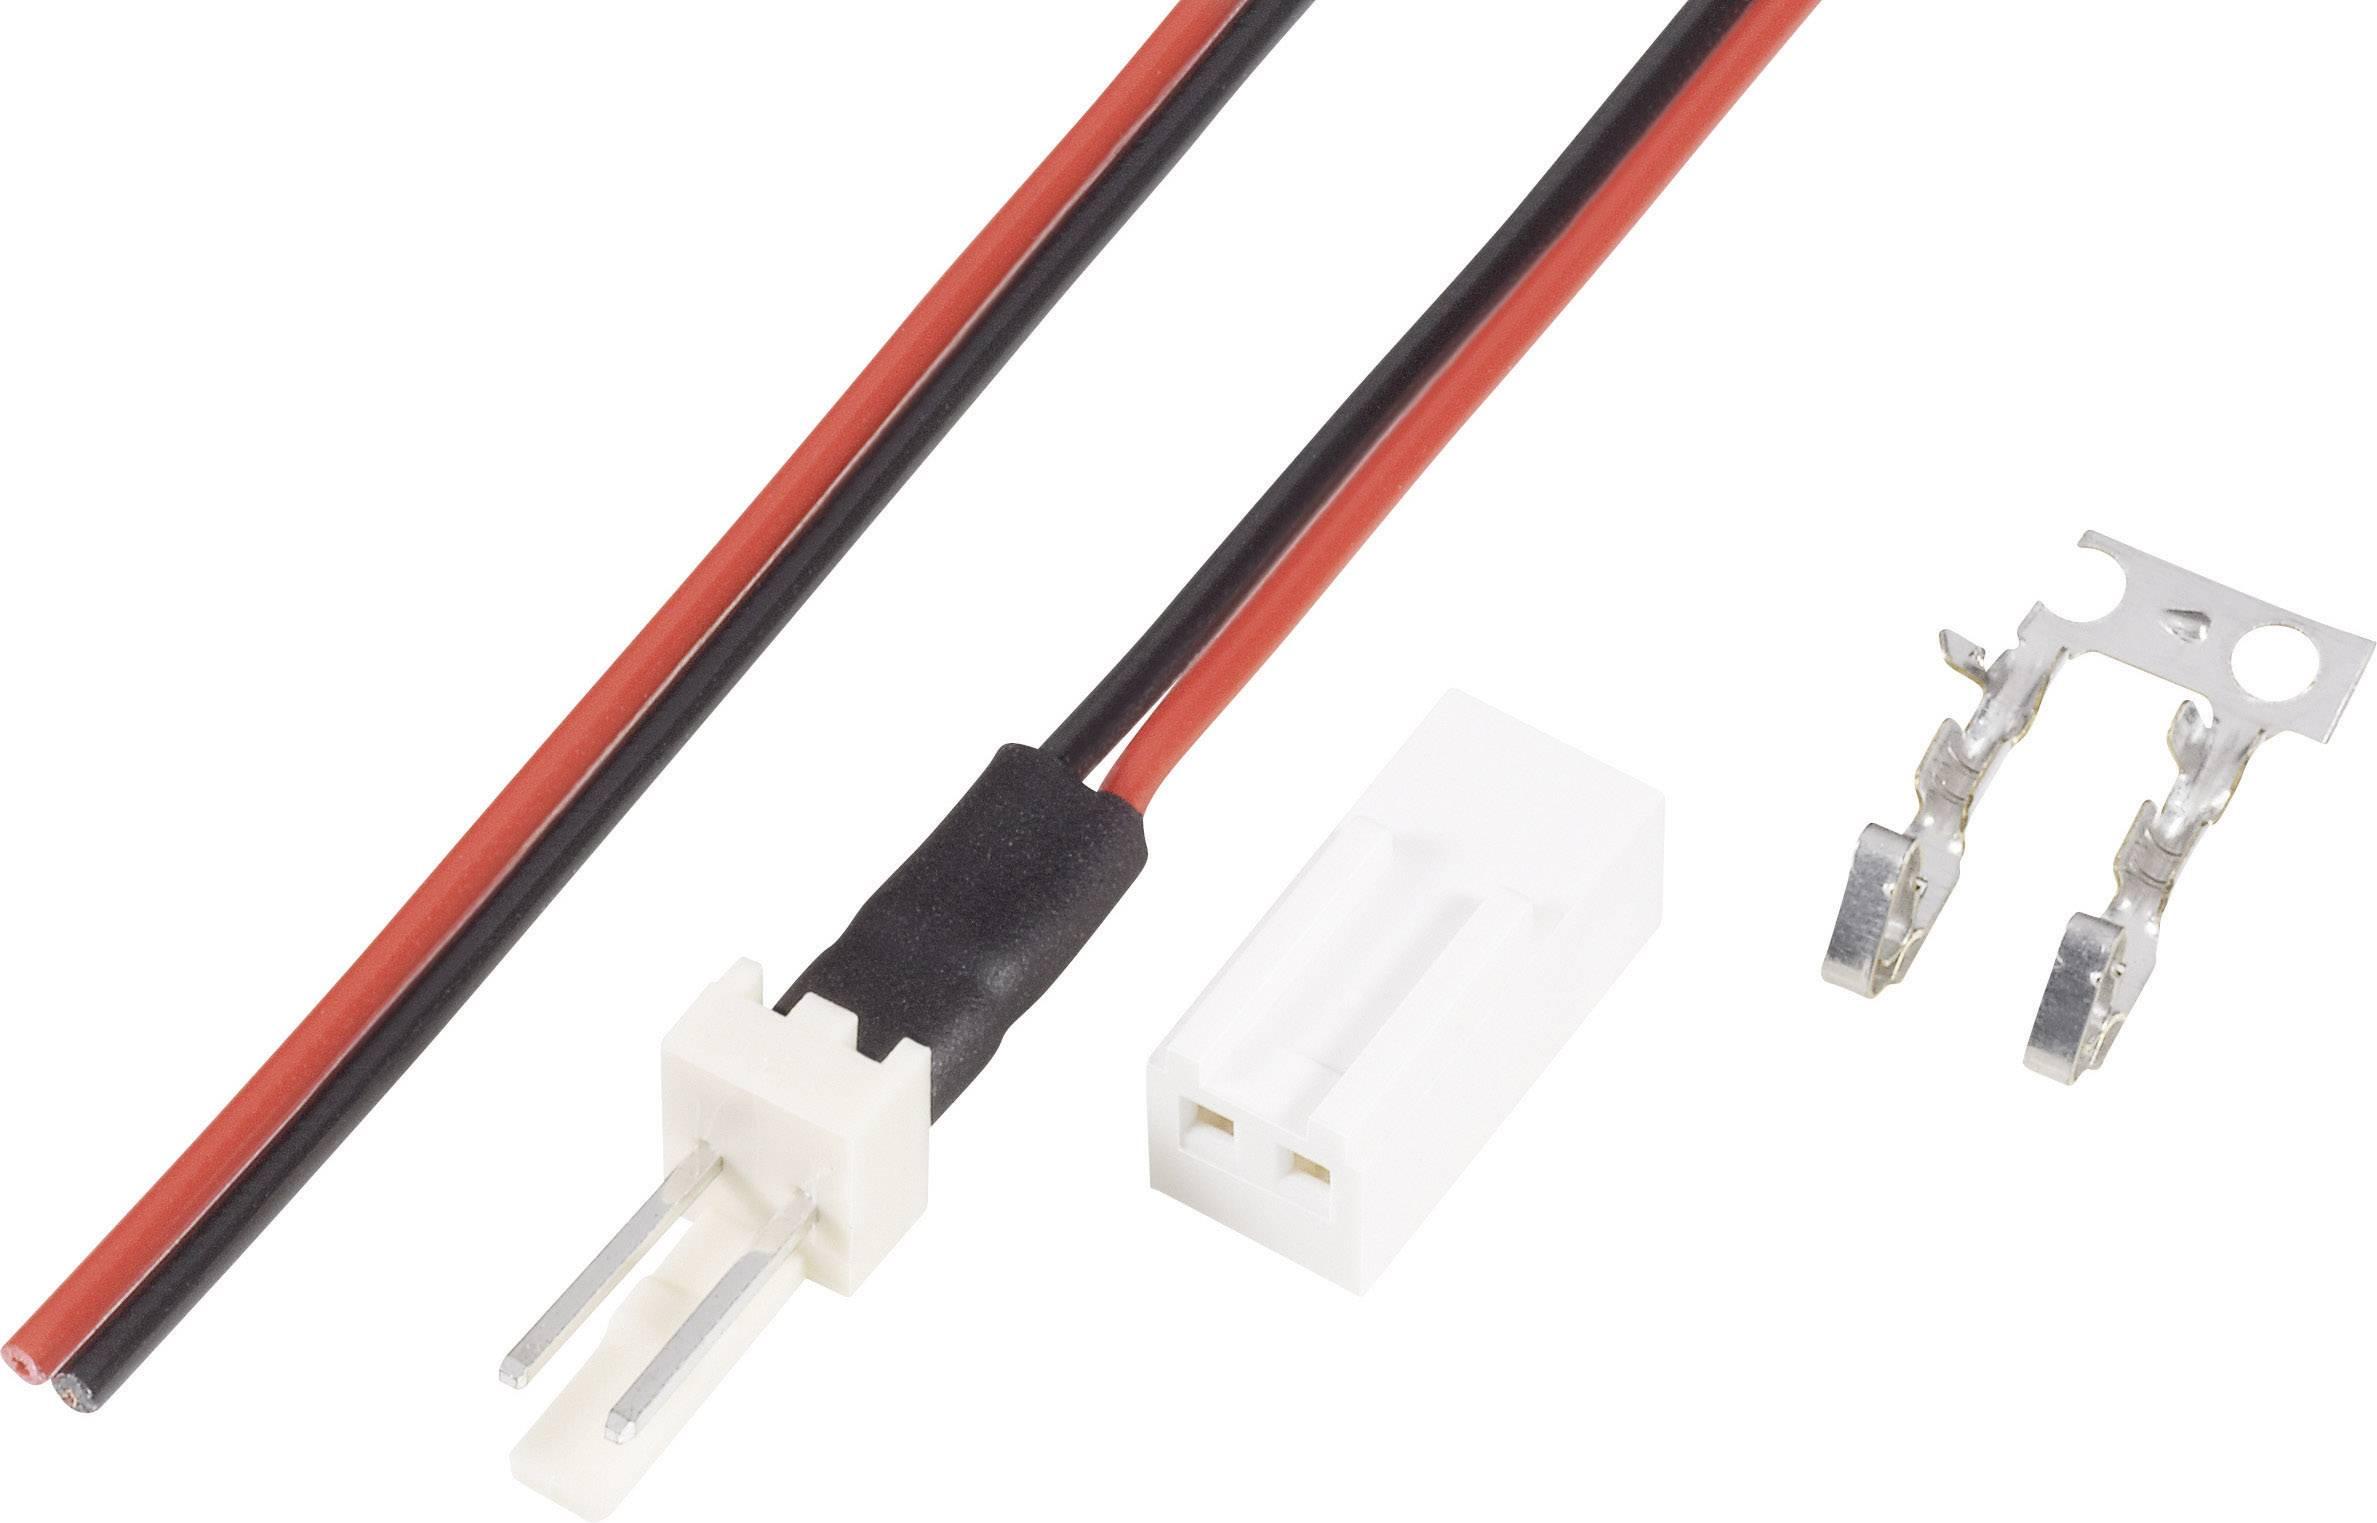 Kabel s 2-pólovým konektorem Modelcraft